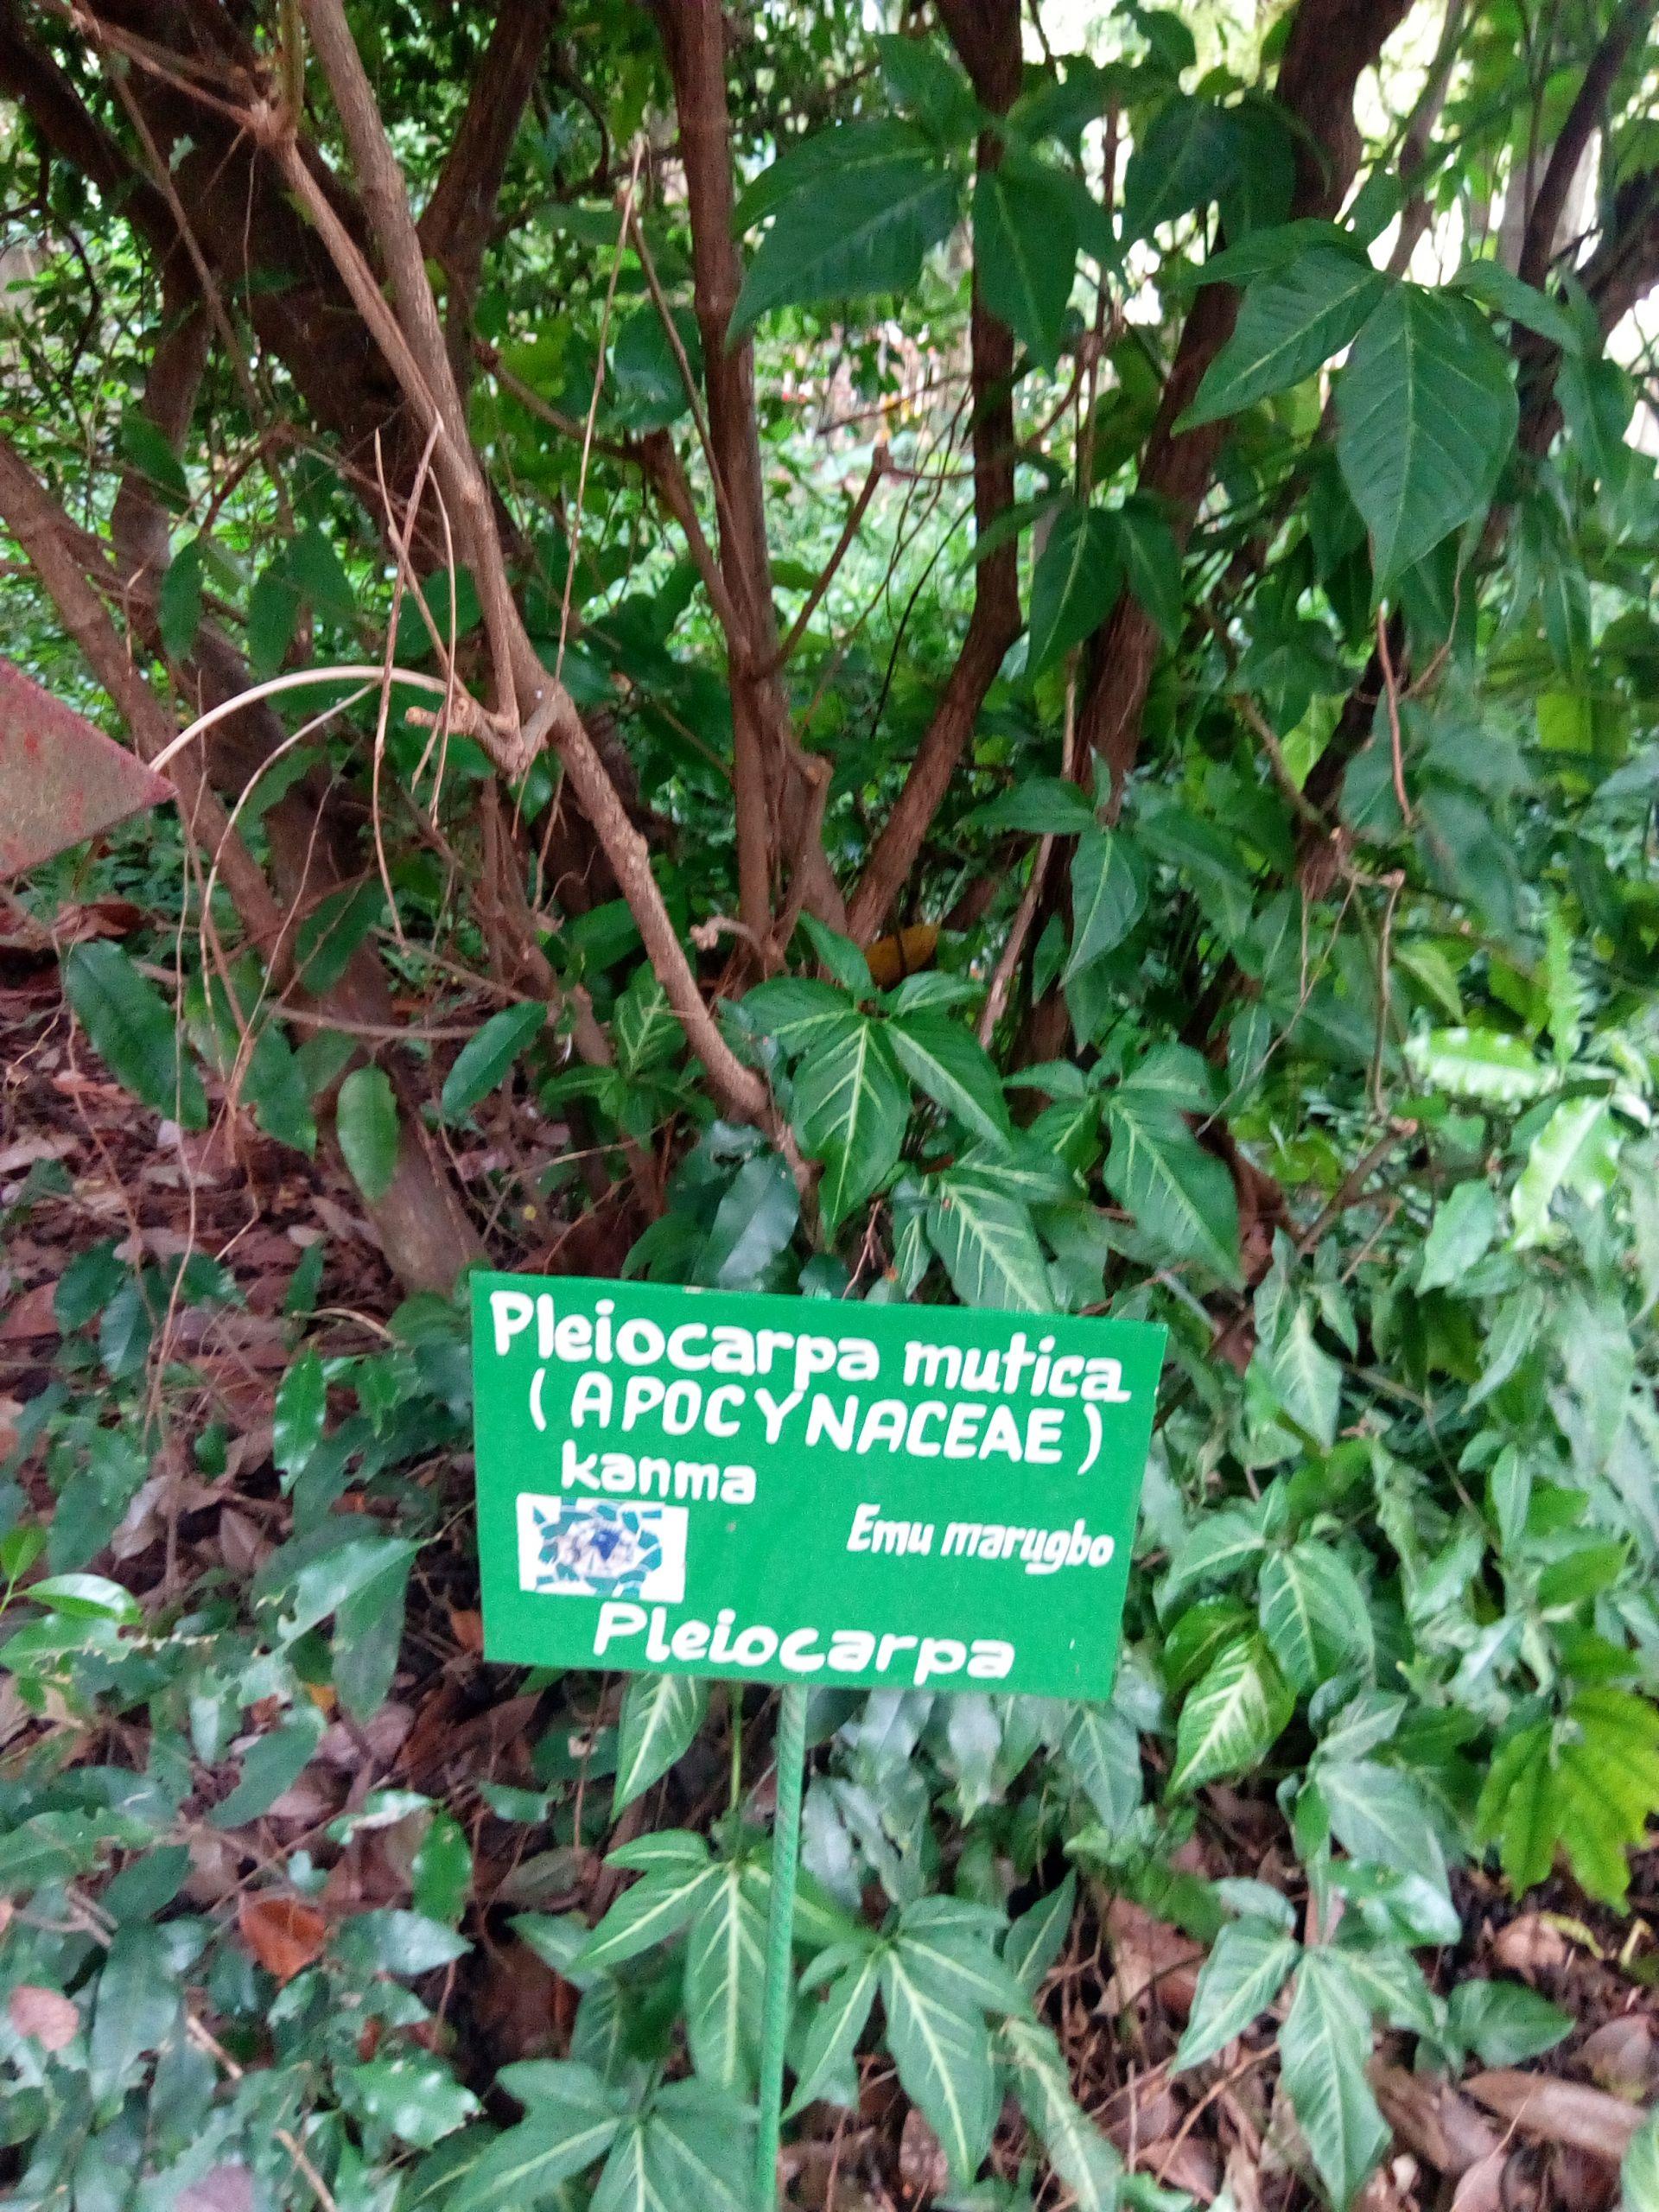 Pleiocarpa au Jardin des Plantes et de la Nature